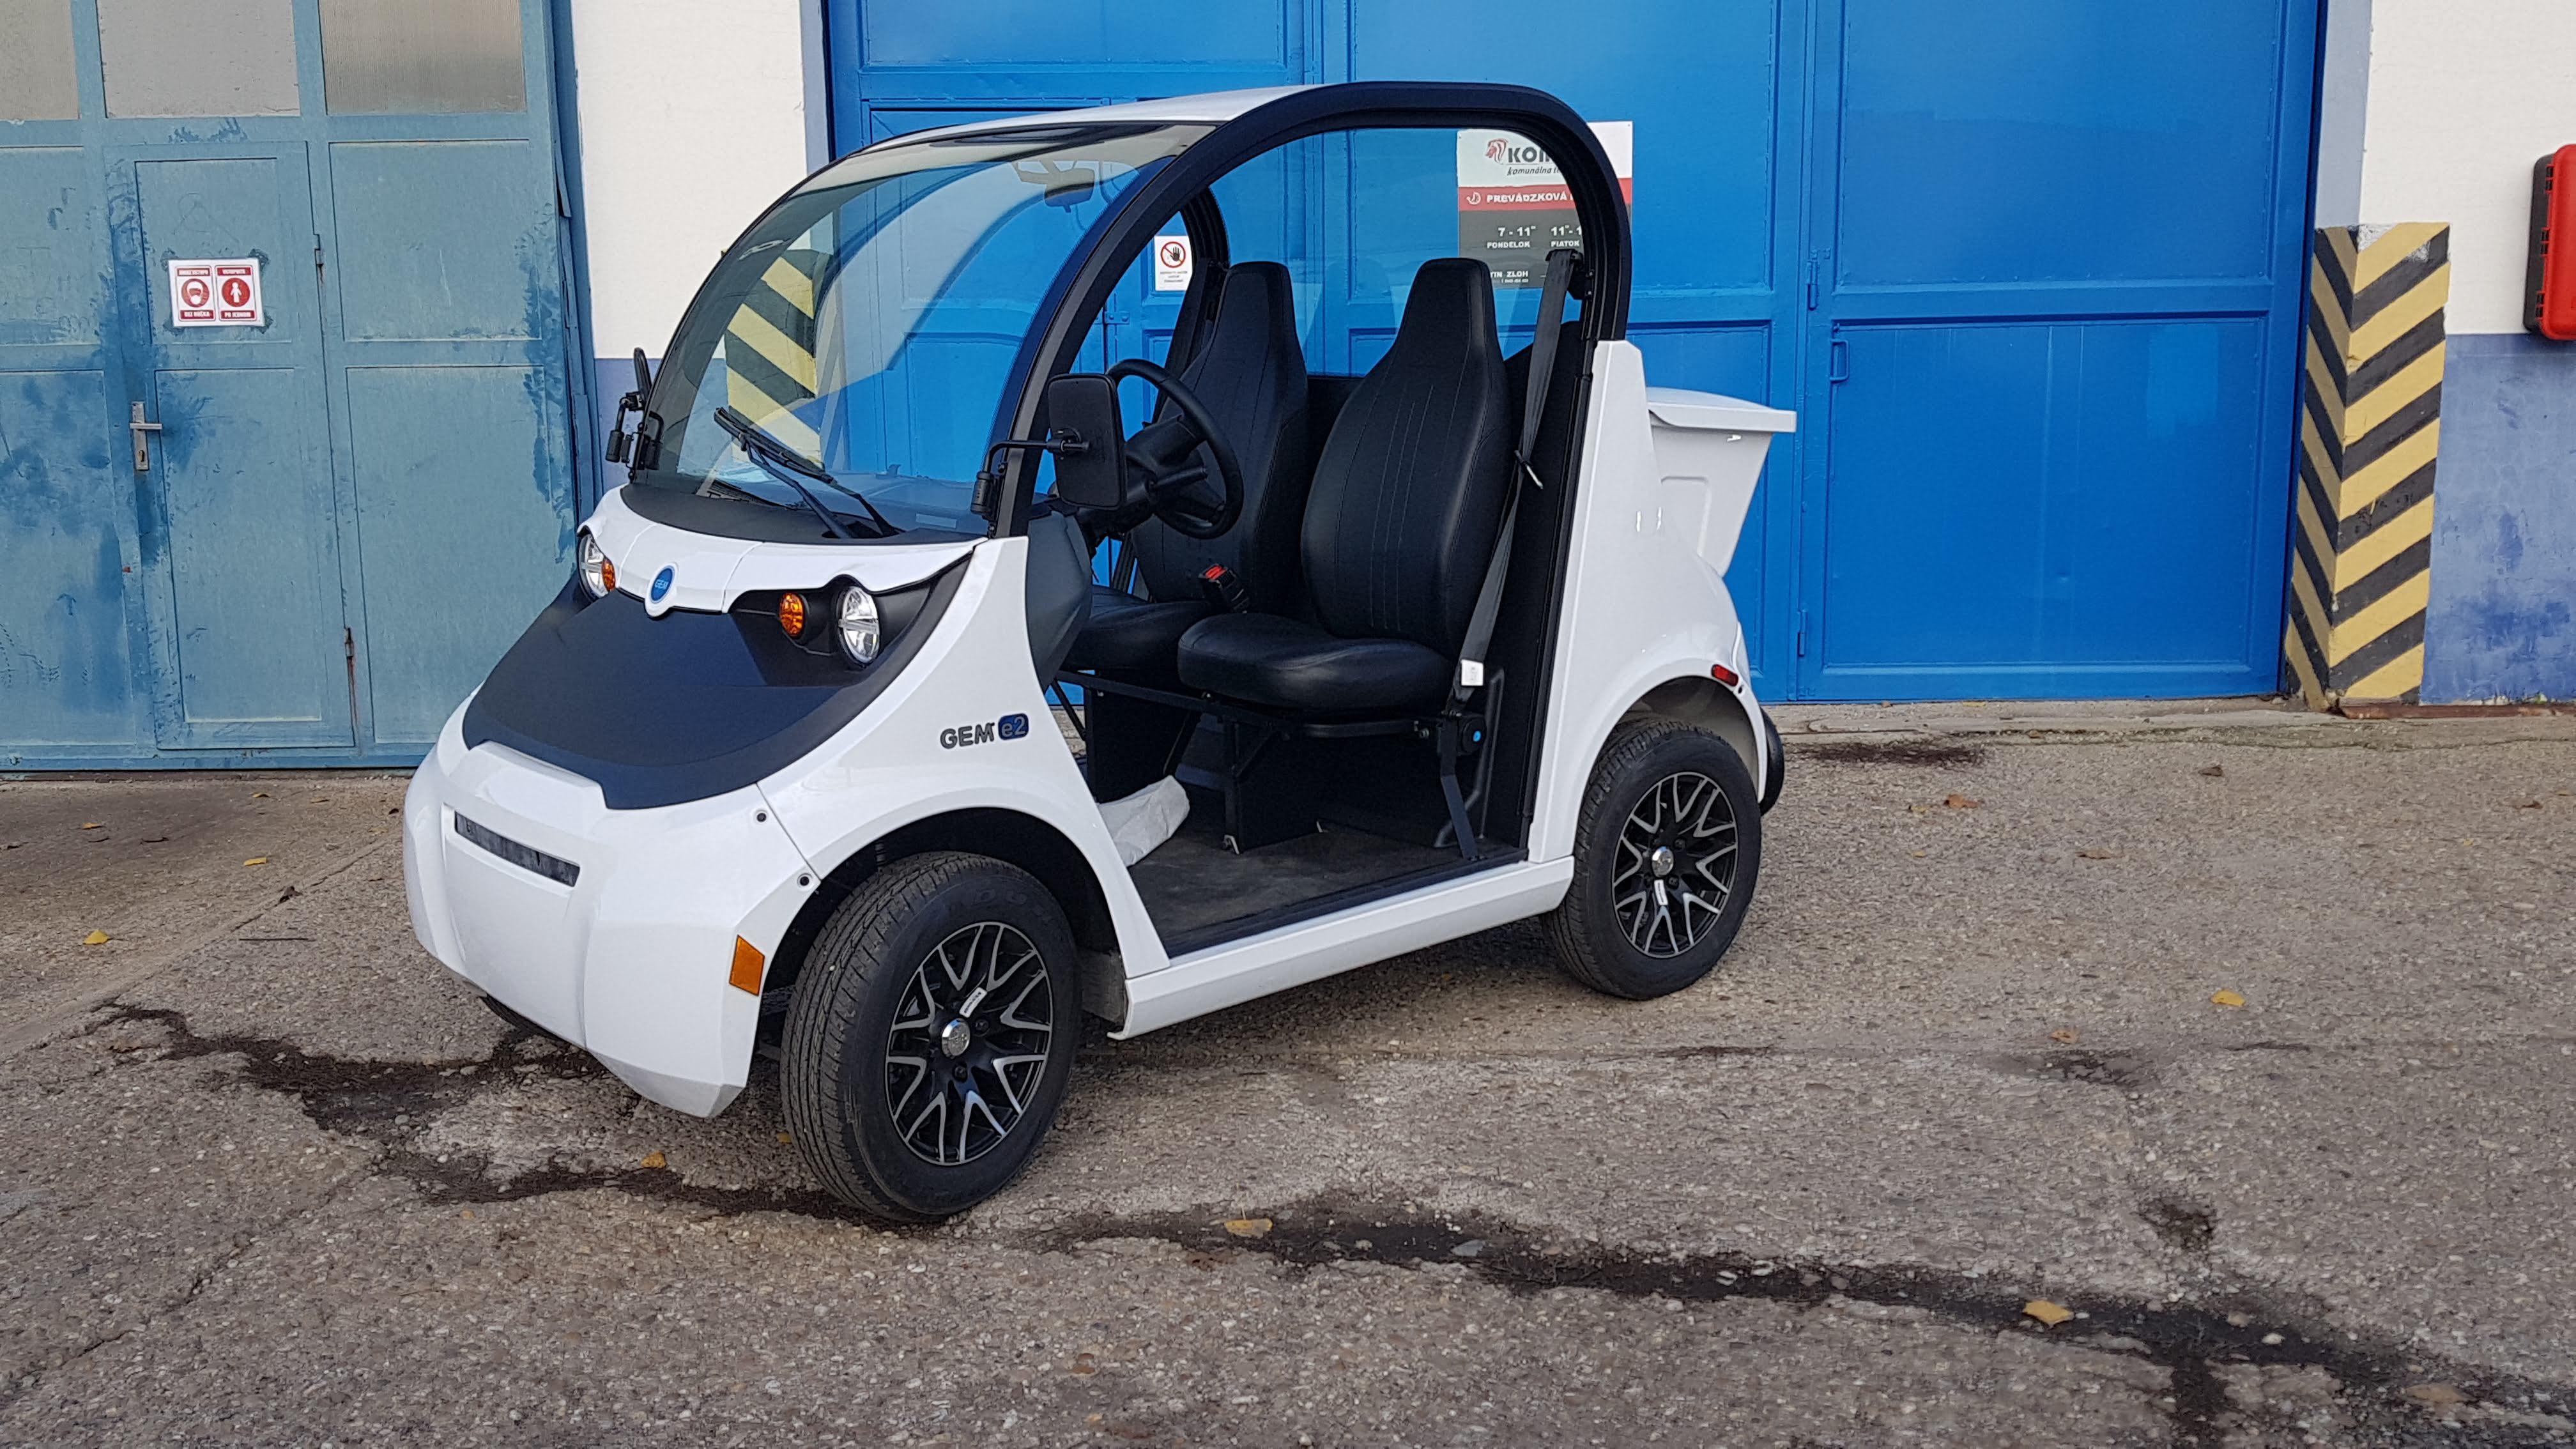 Gem e2 štýlové auto ktoré Vás dostane